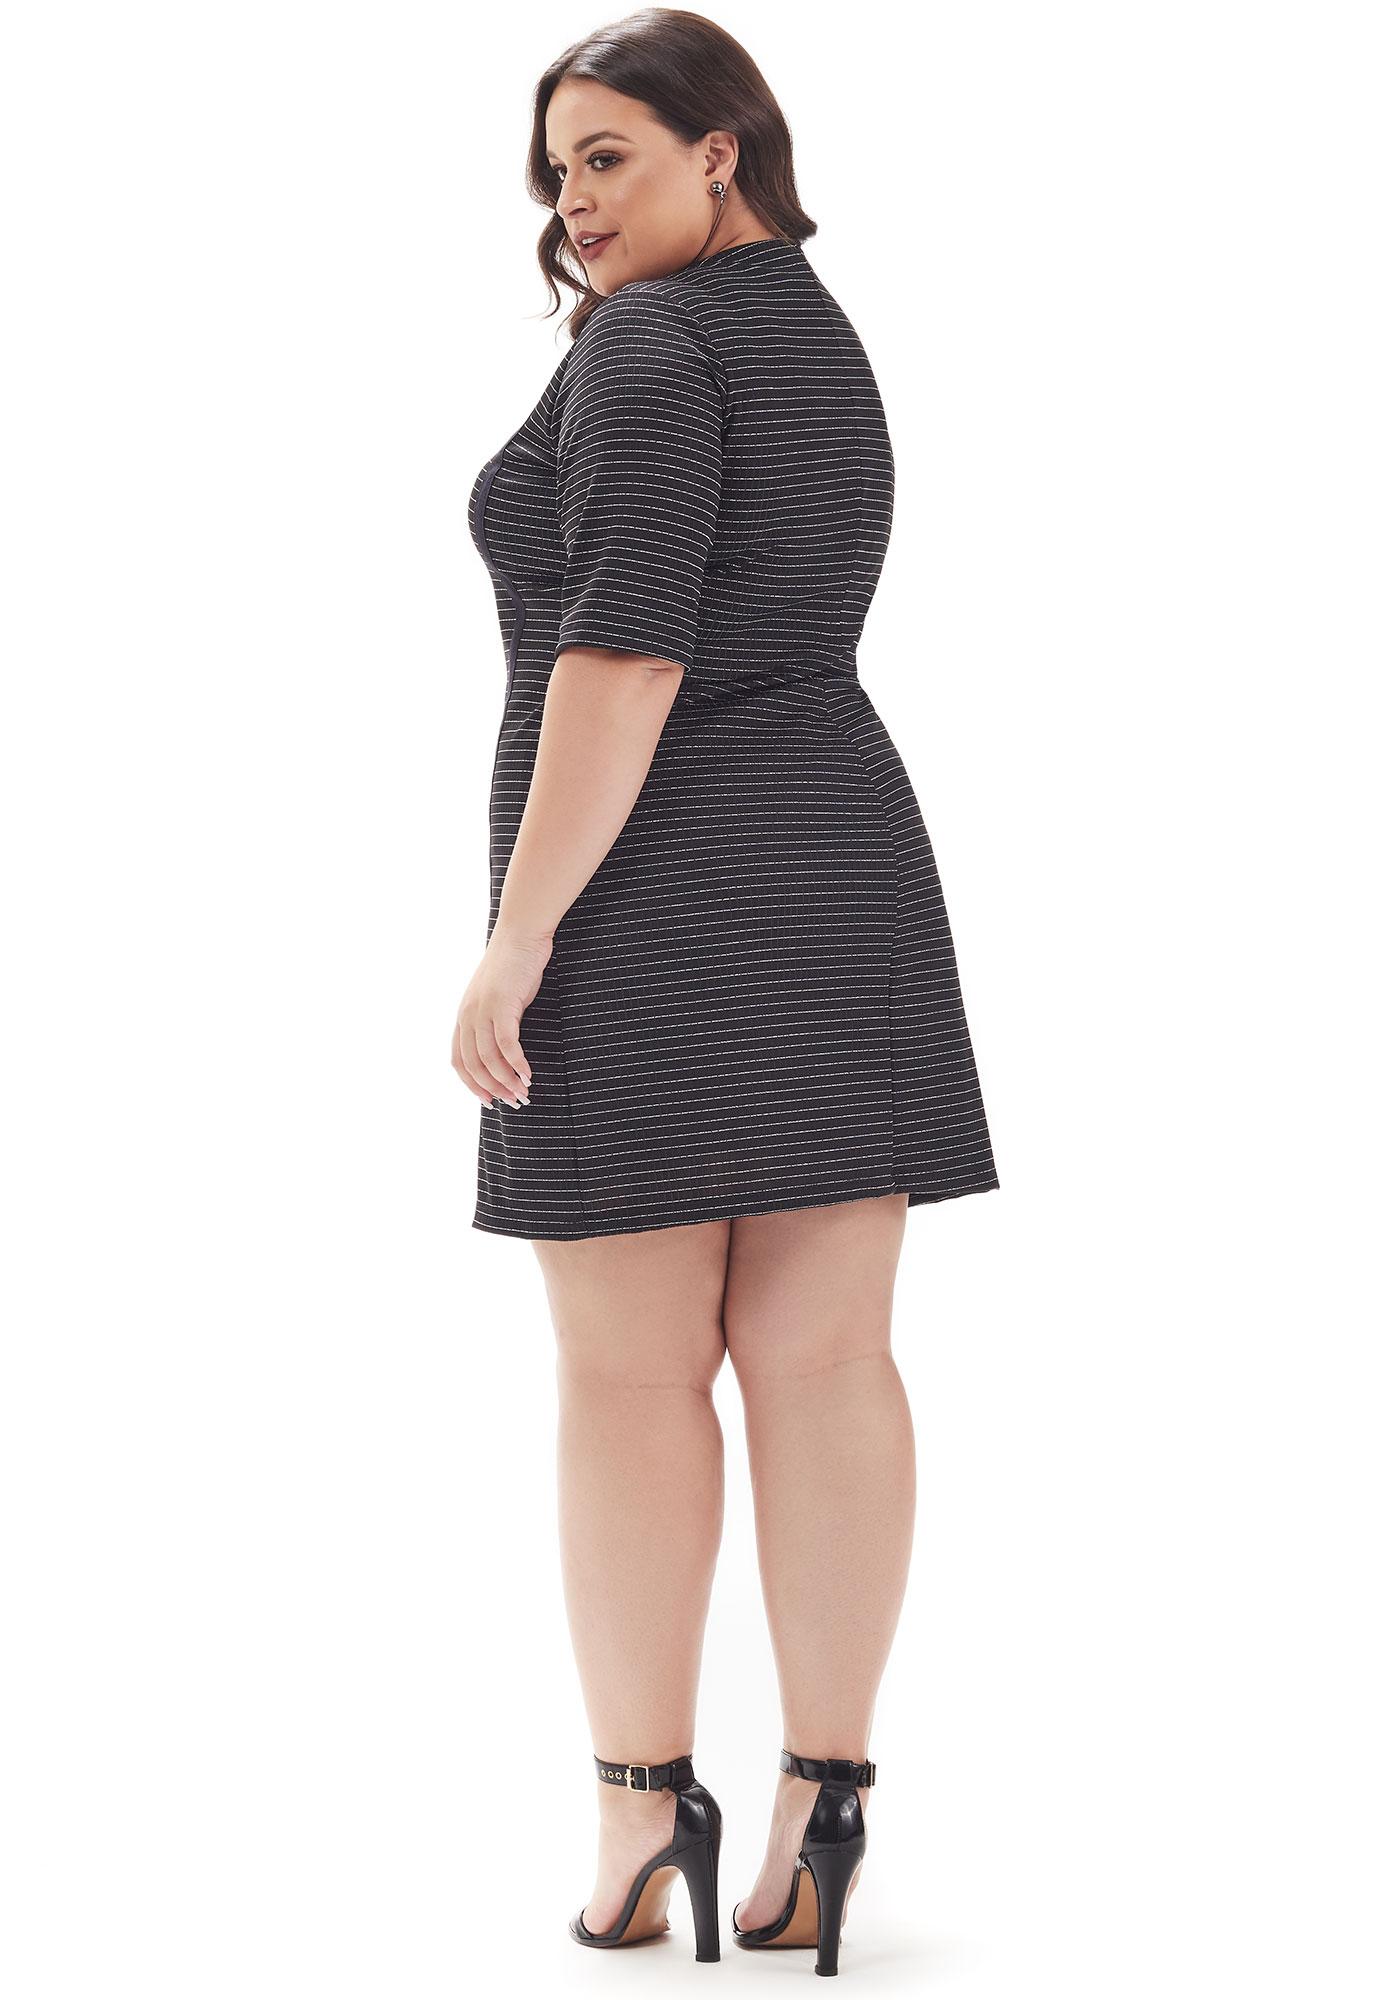 Vestido Lepoque Plus Size Canelado Lurex com Cadarço Preto